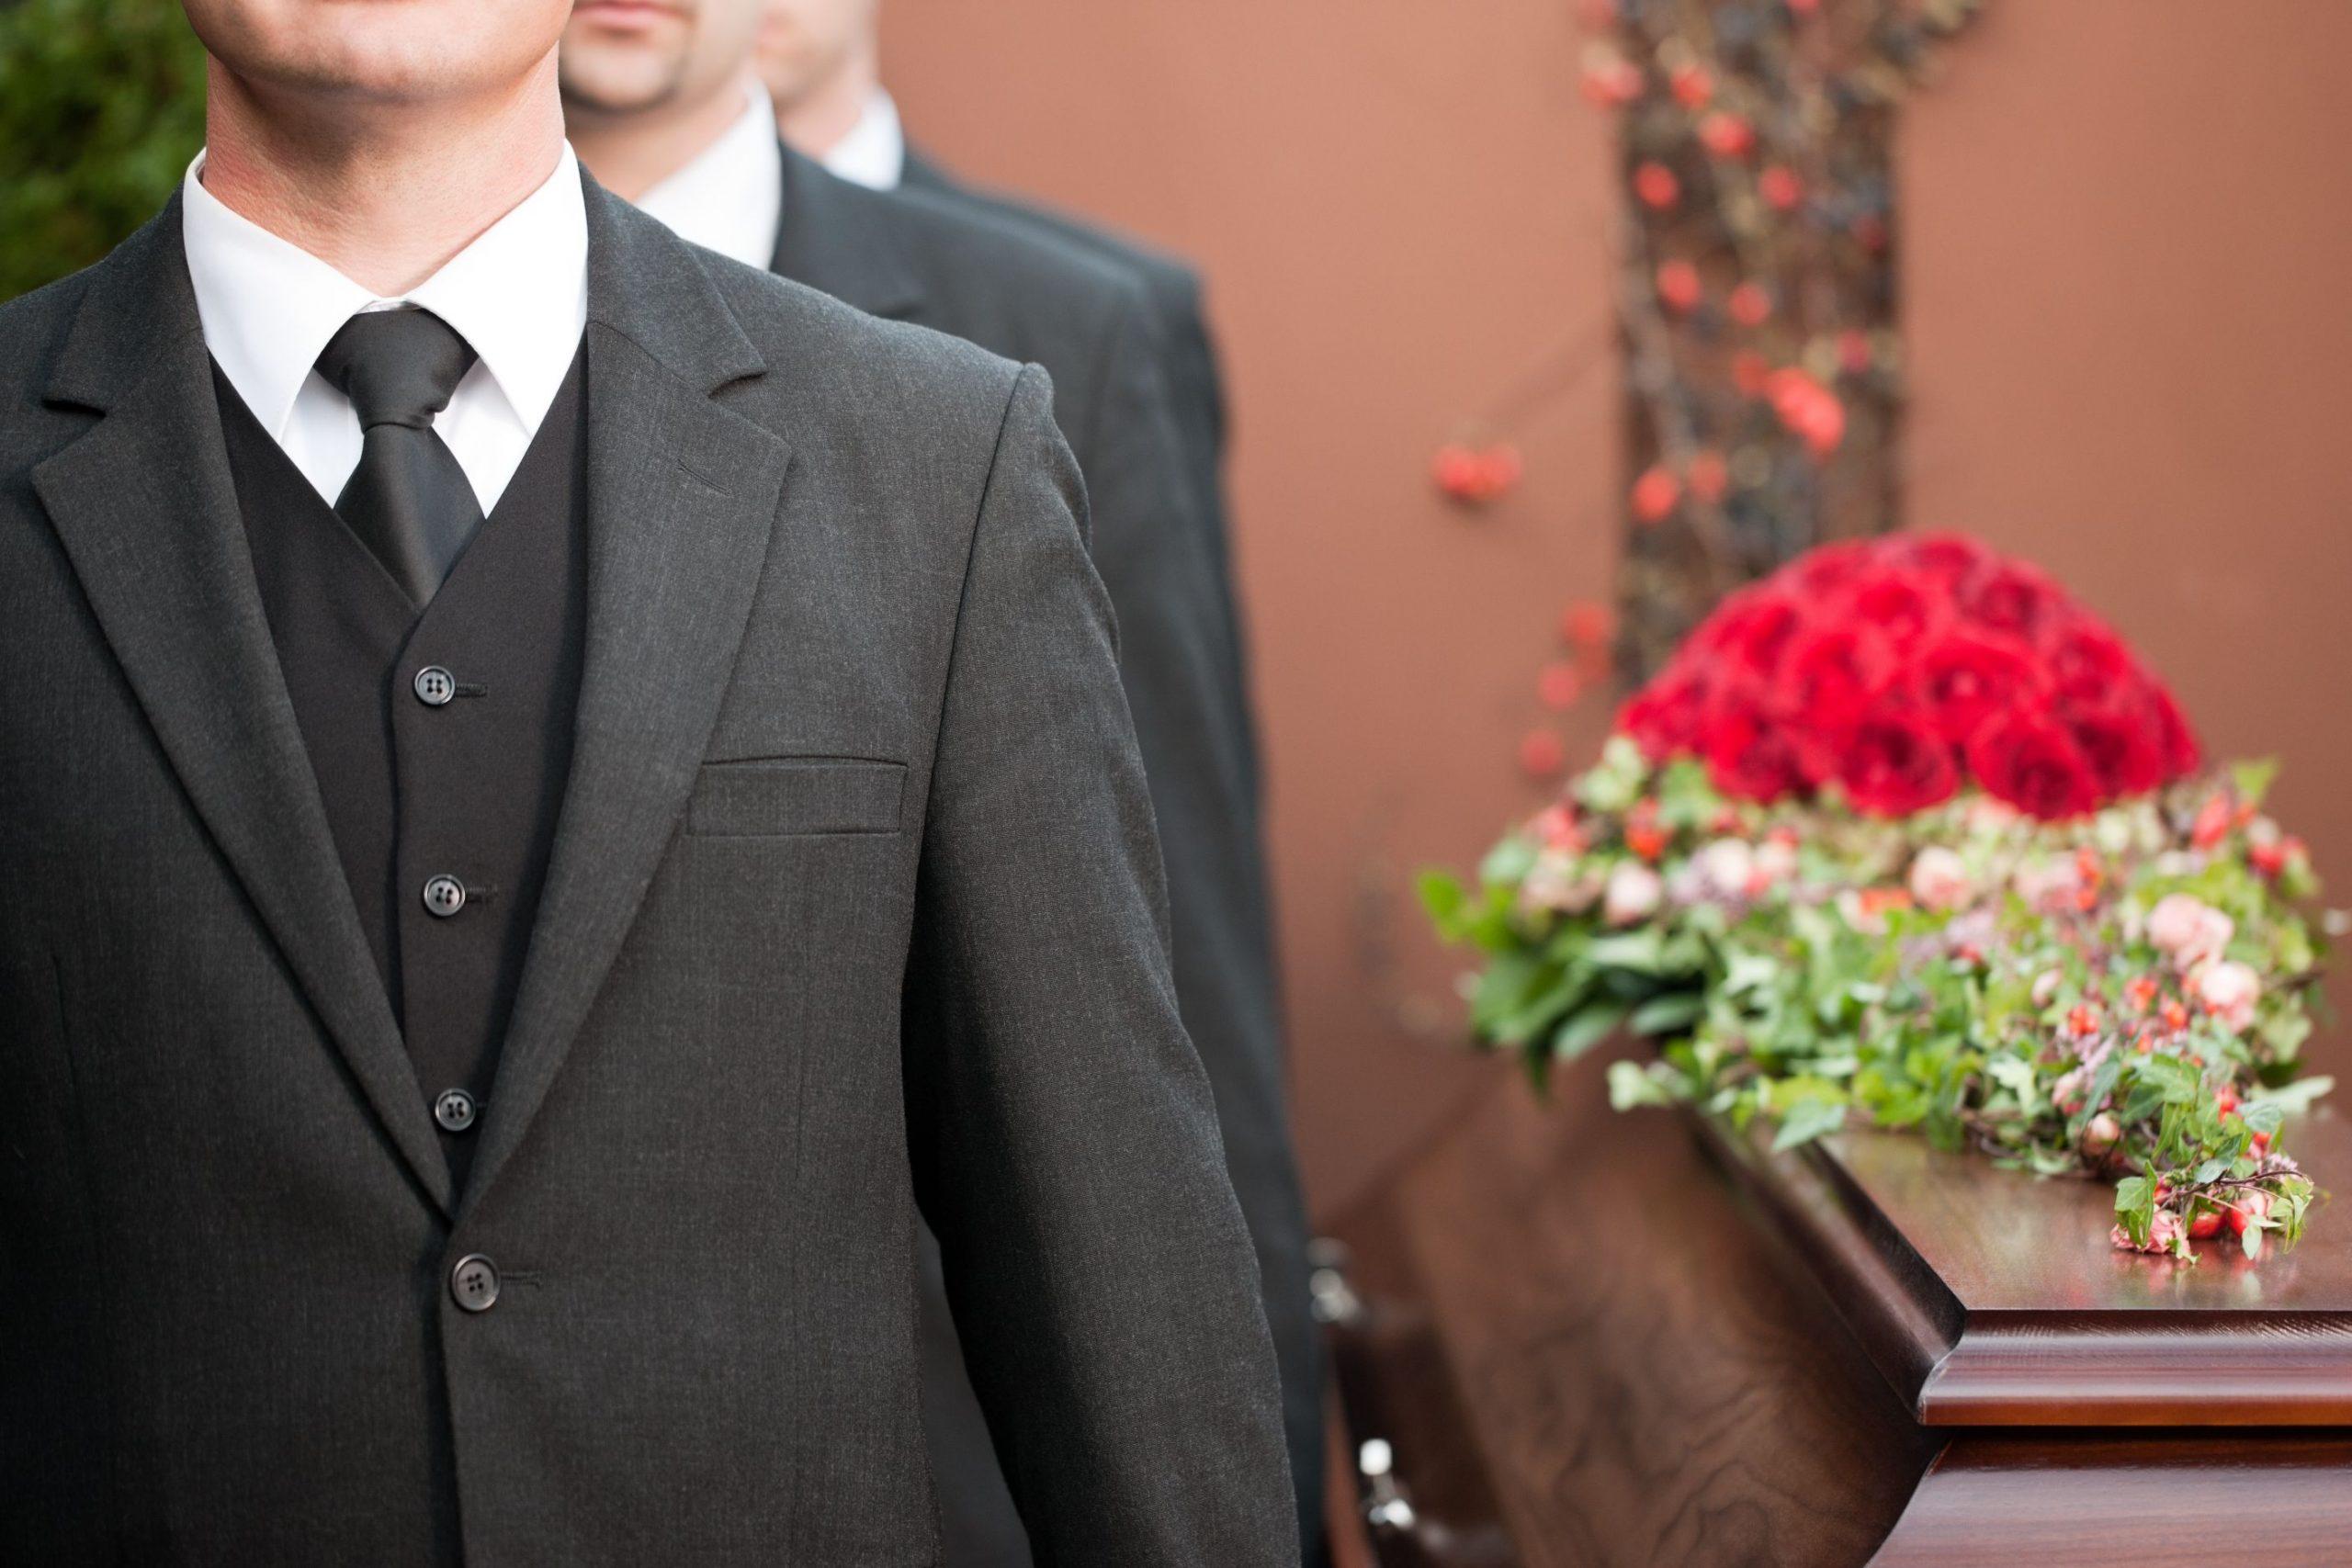 rituel funeraire conseil saint jean sur richelieu